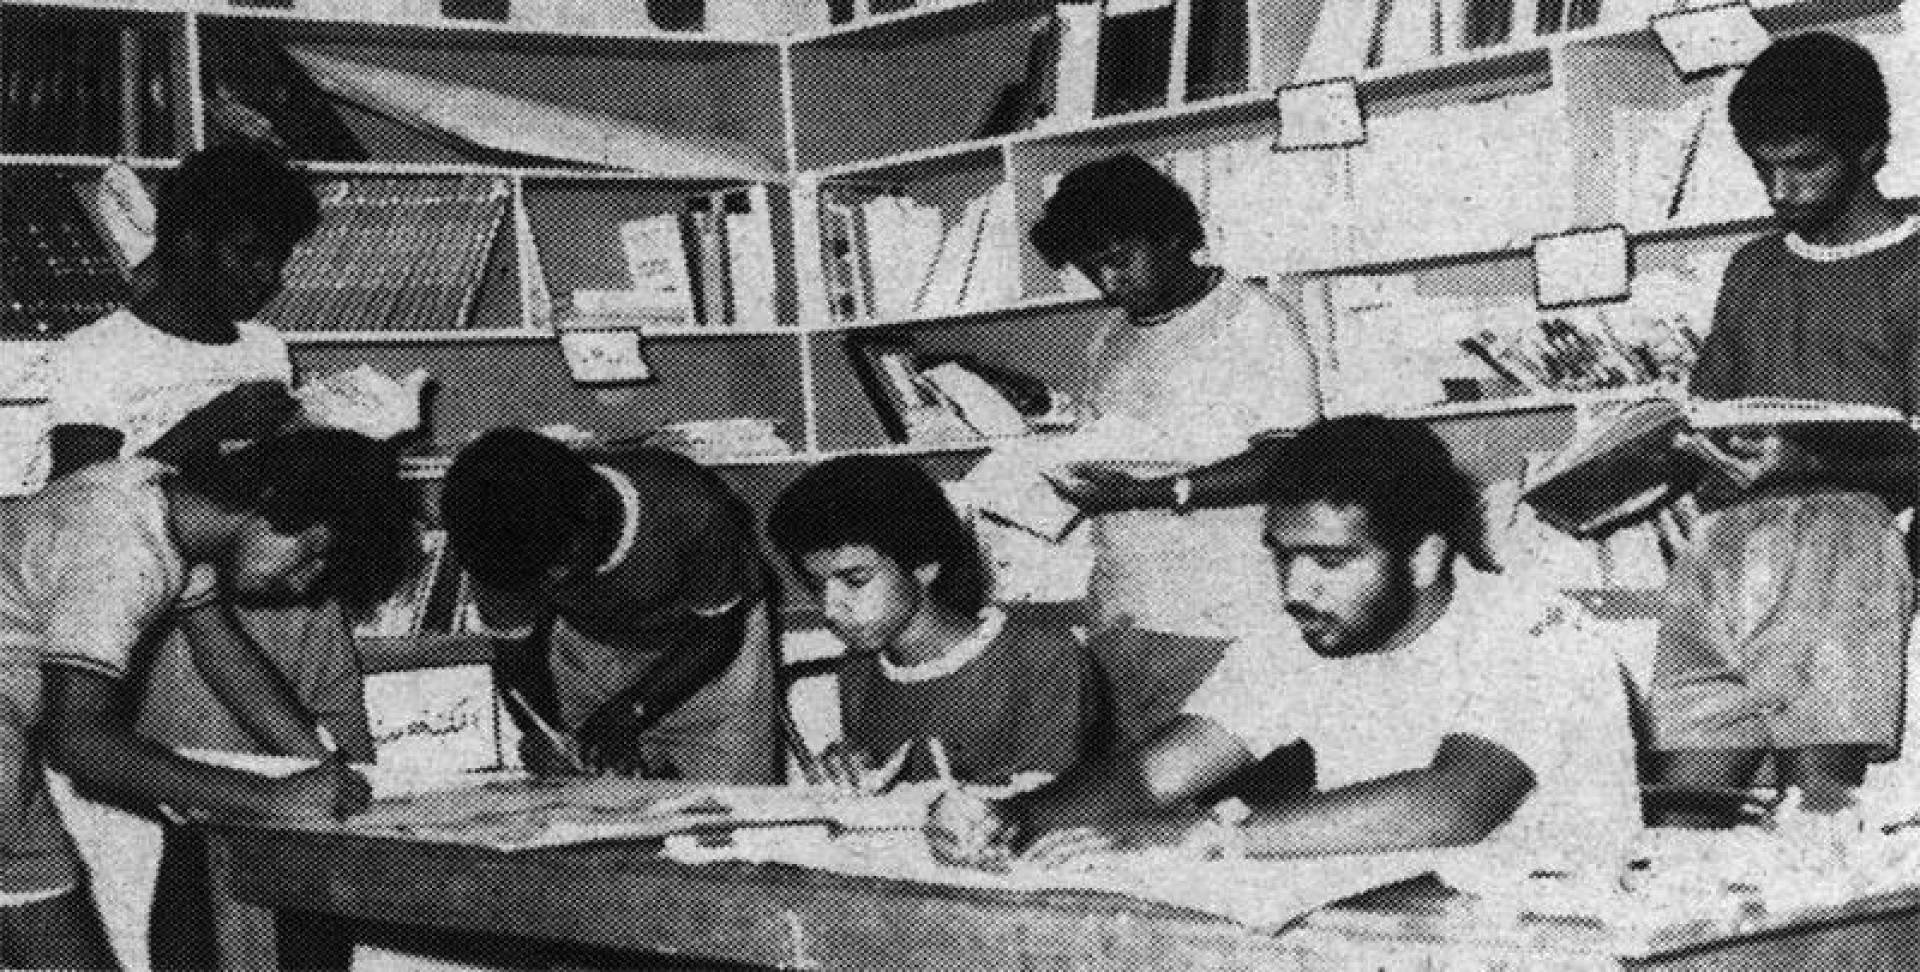 شباب معسكر الجهراء منهمكون في عمل نشرات جدارية.. أرشيفية